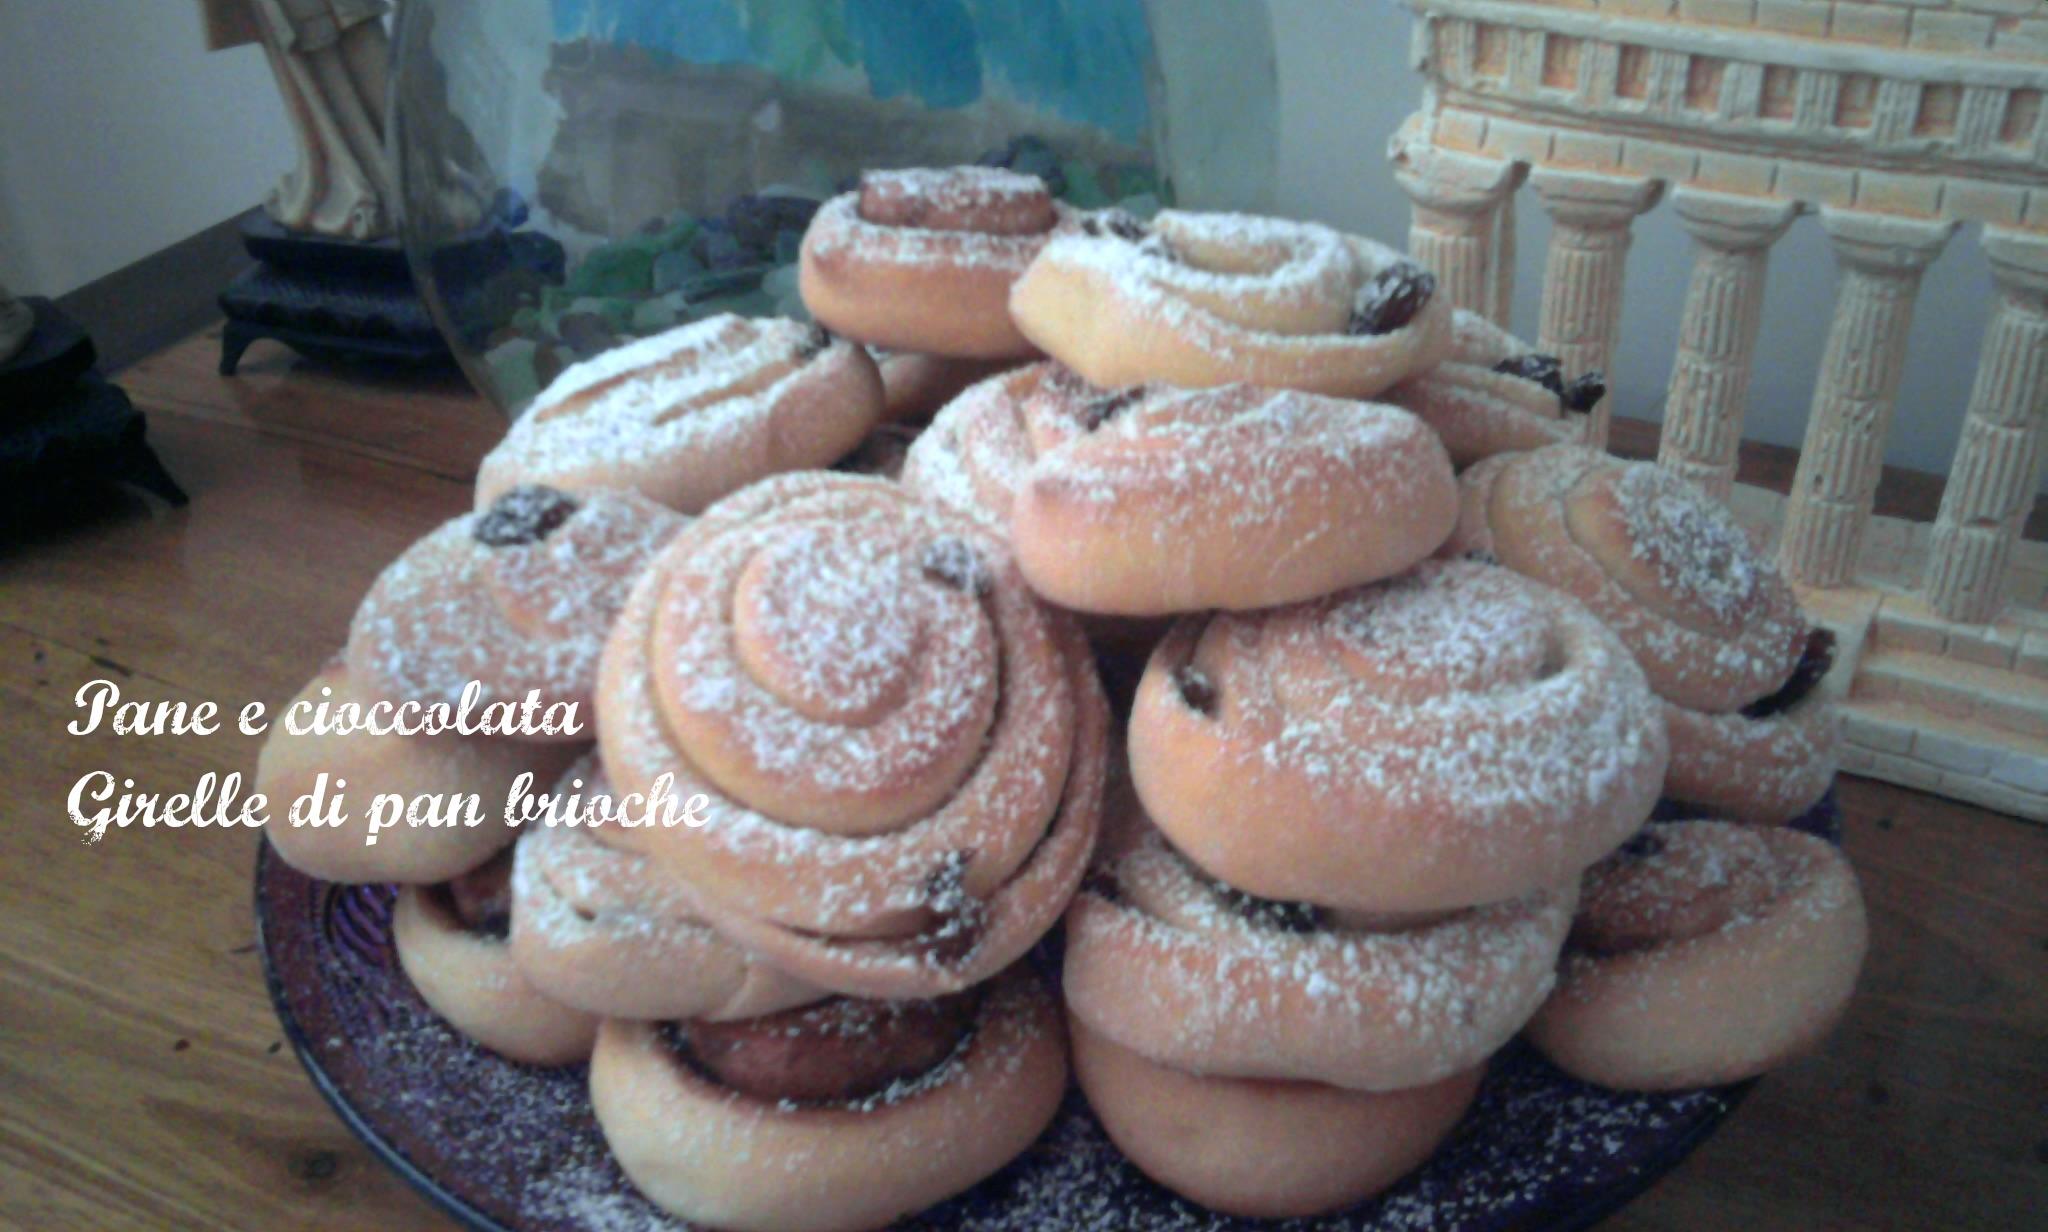 Girelle di pan brioche